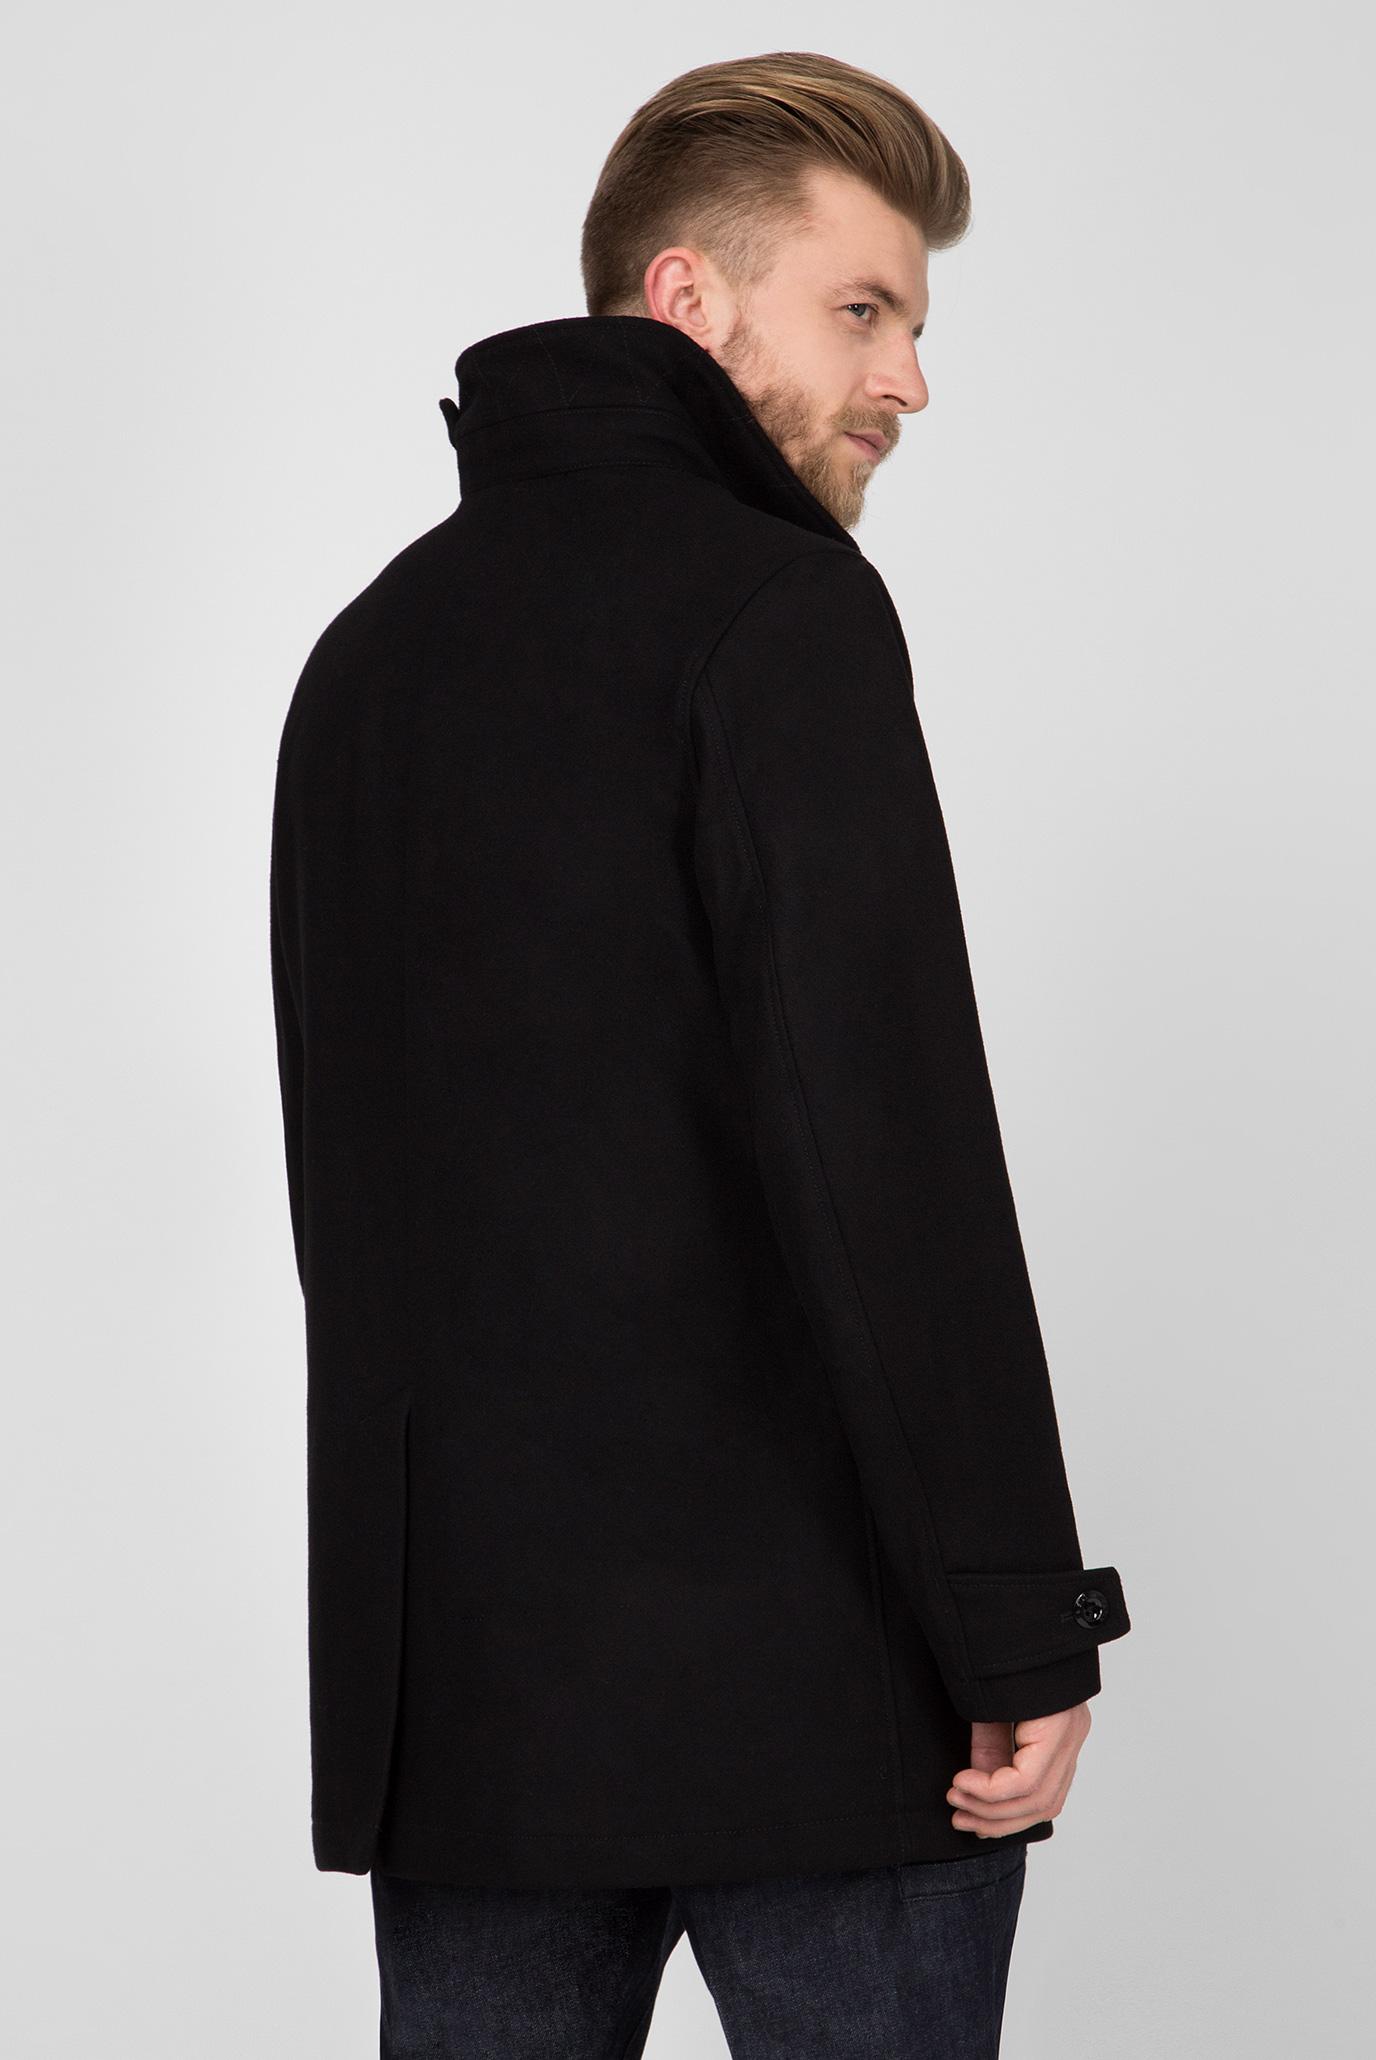 Купить Мужское черное пальто Garber G-Star RAW G-Star RAW D10295,9168 – Киев, Украина. Цены в интернет магазине MD Fashion